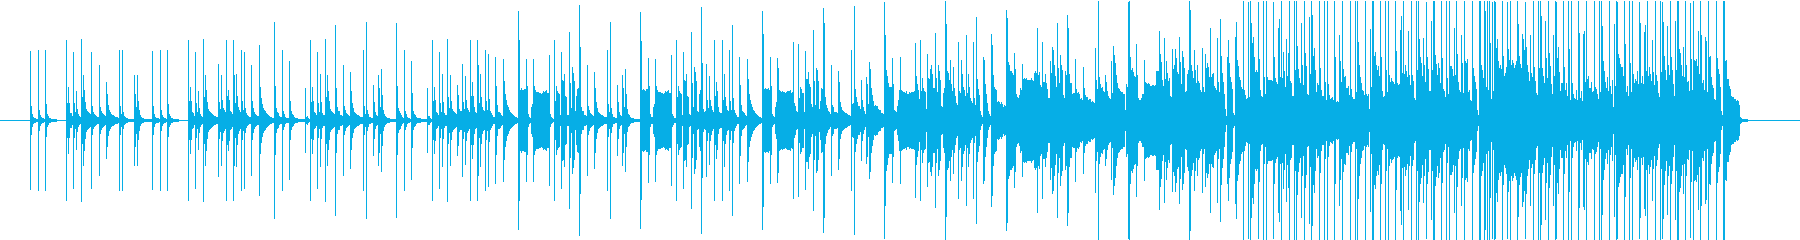 生楽器を使用した陽気な曲ですの再生済みの波形